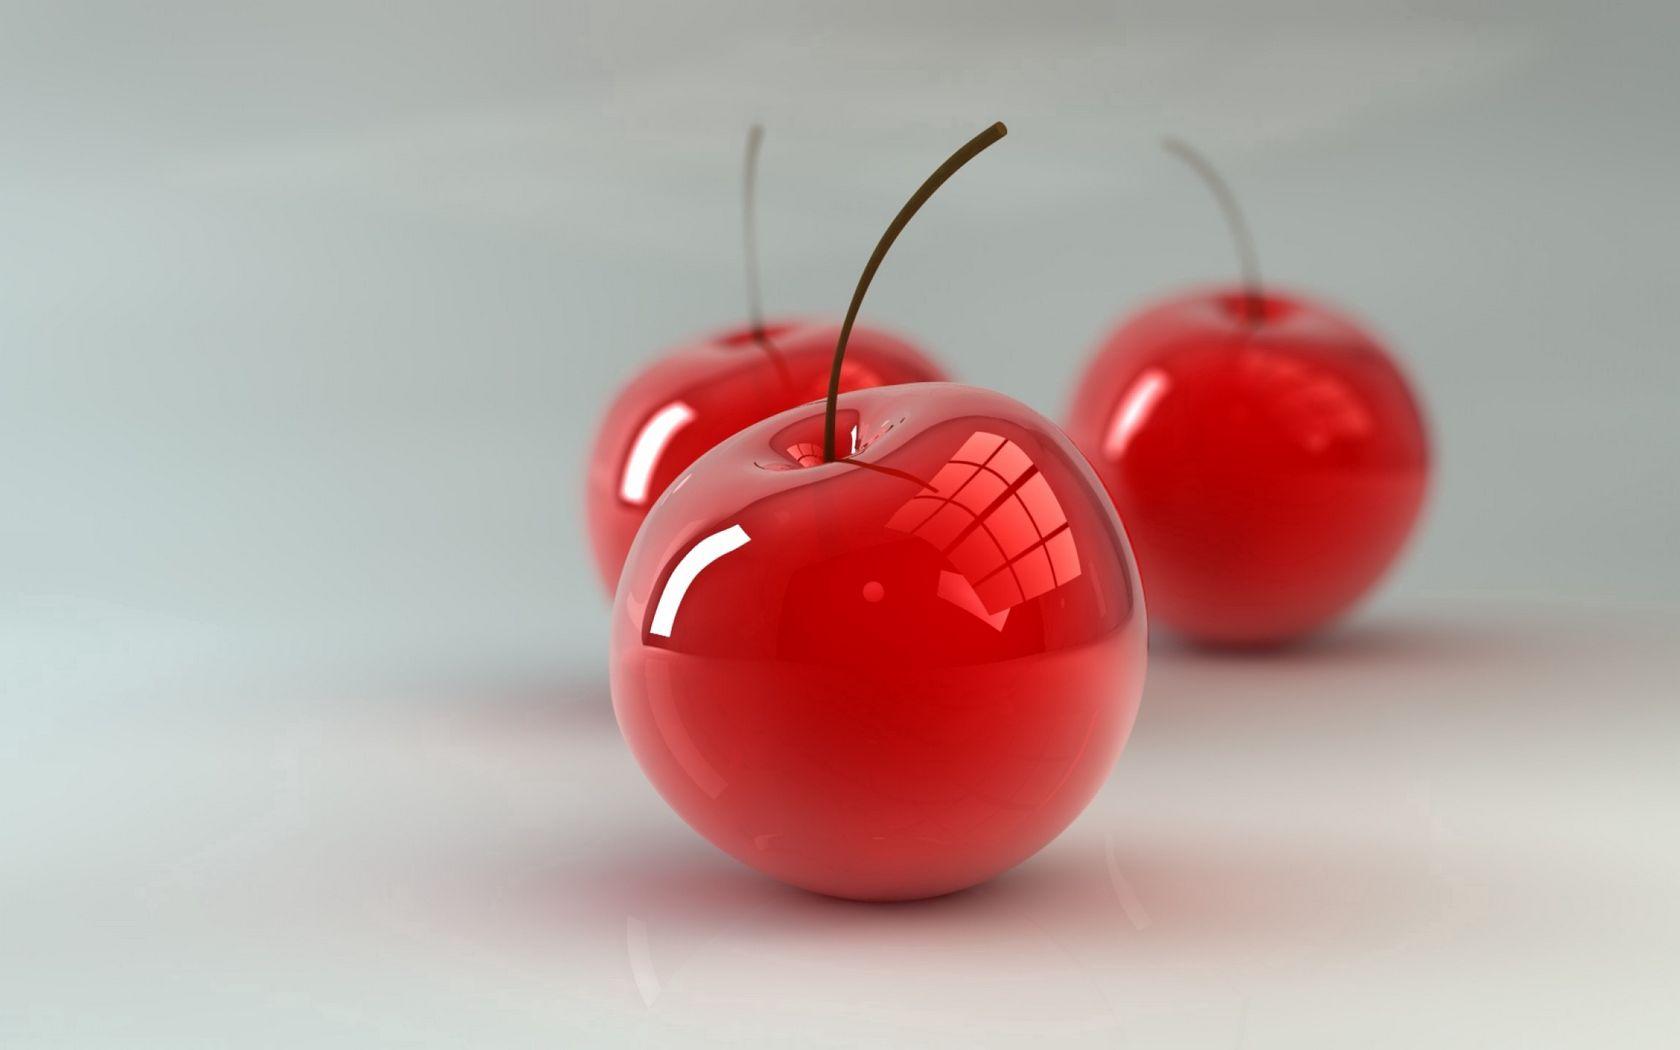 1680x1050 Wallpaper cherry, berry, 3d